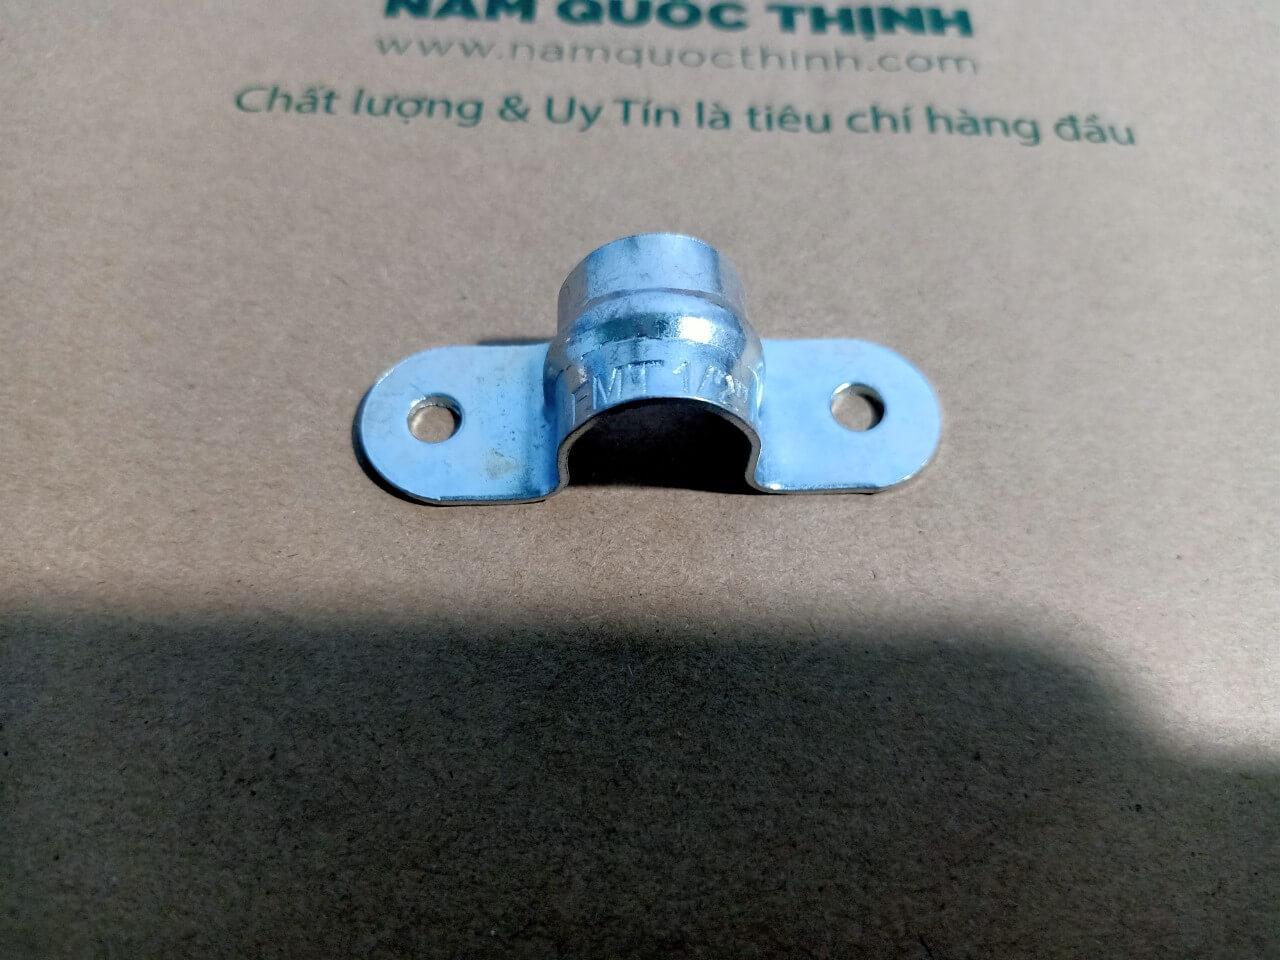 Kẹp omega không đế ống luồn dây điện trơn EMT